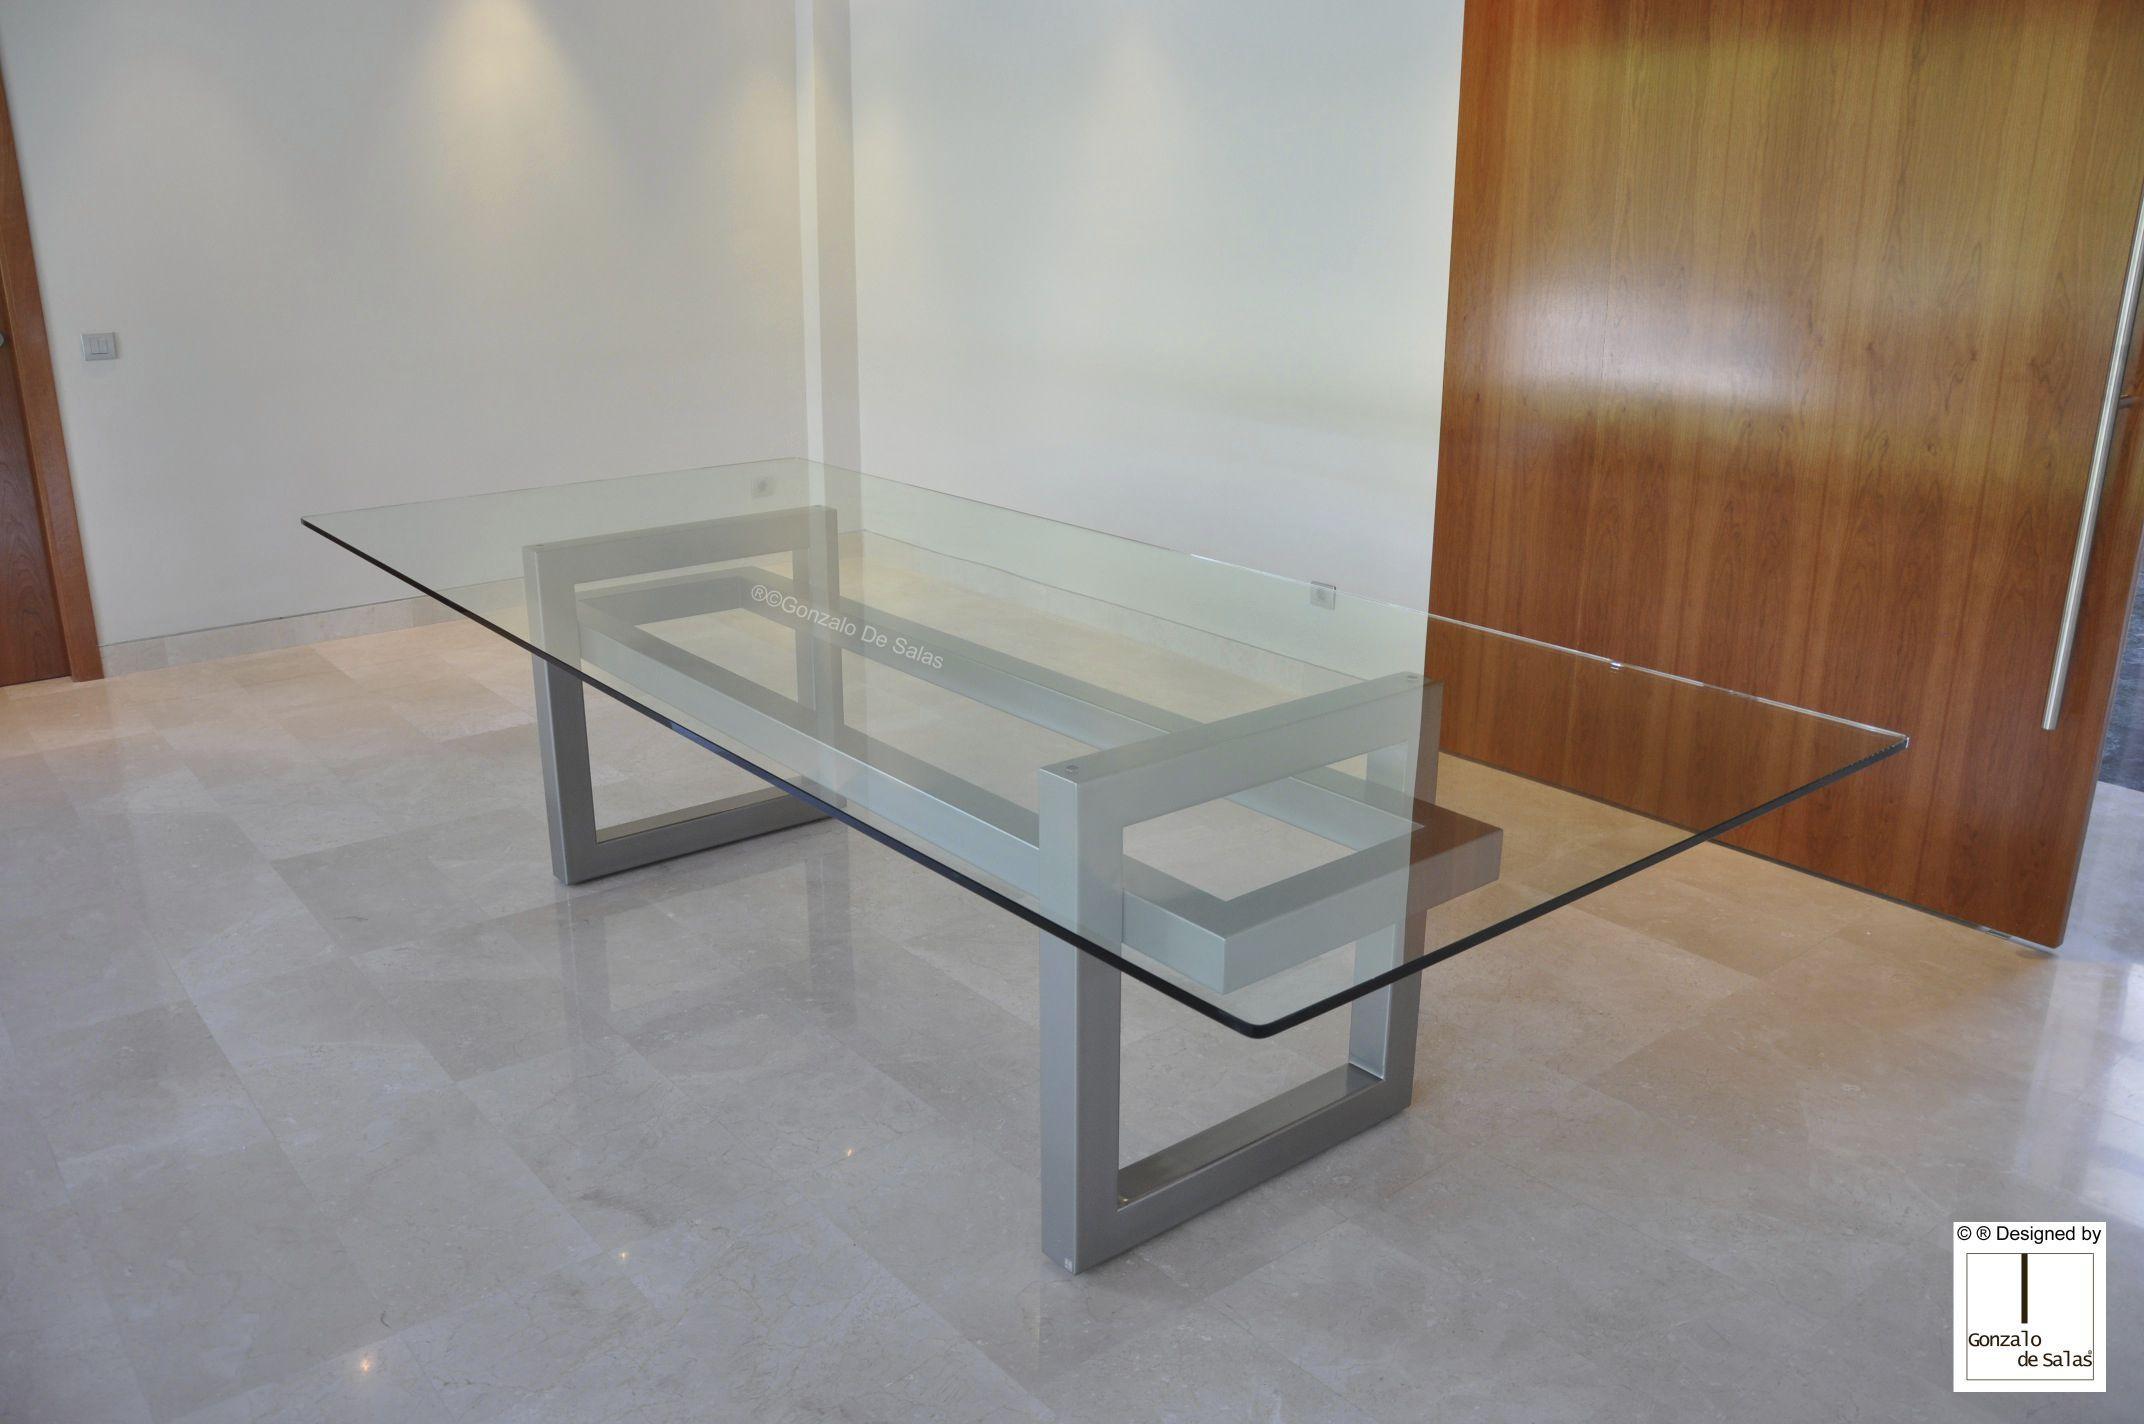 Tavoli Riunione In Cristallo.Tavolo Da Riunione Moderno In Cristallo In Ferro In Metallo